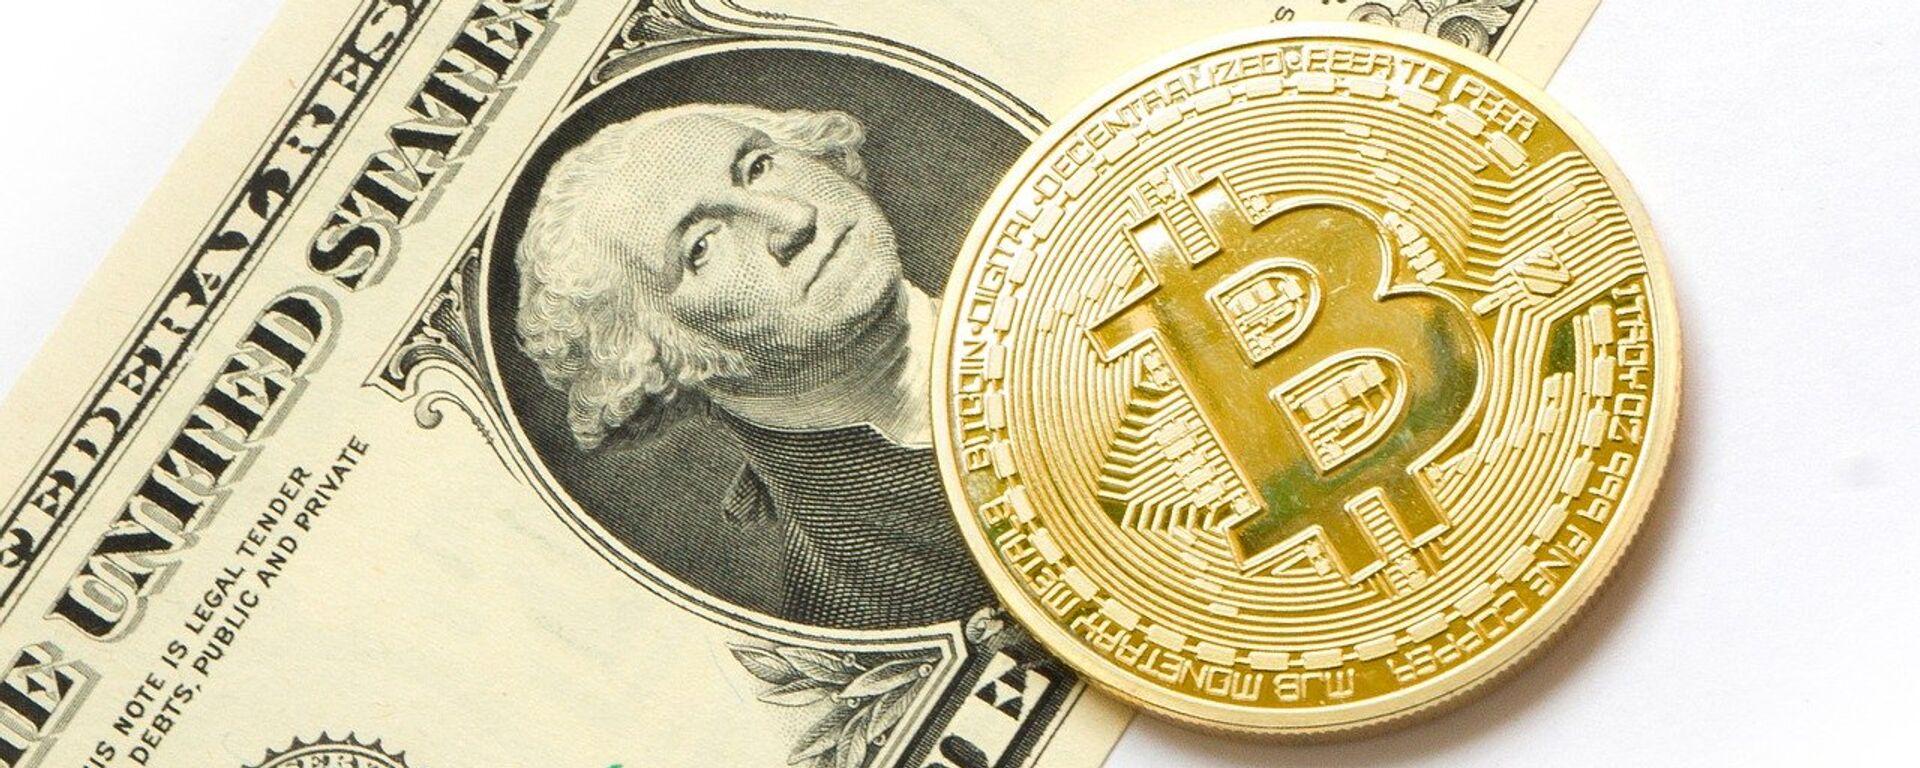 Bitcoin y dólar (imagen referencial) - Sputnik Mundo, 1920, 15.09.2021